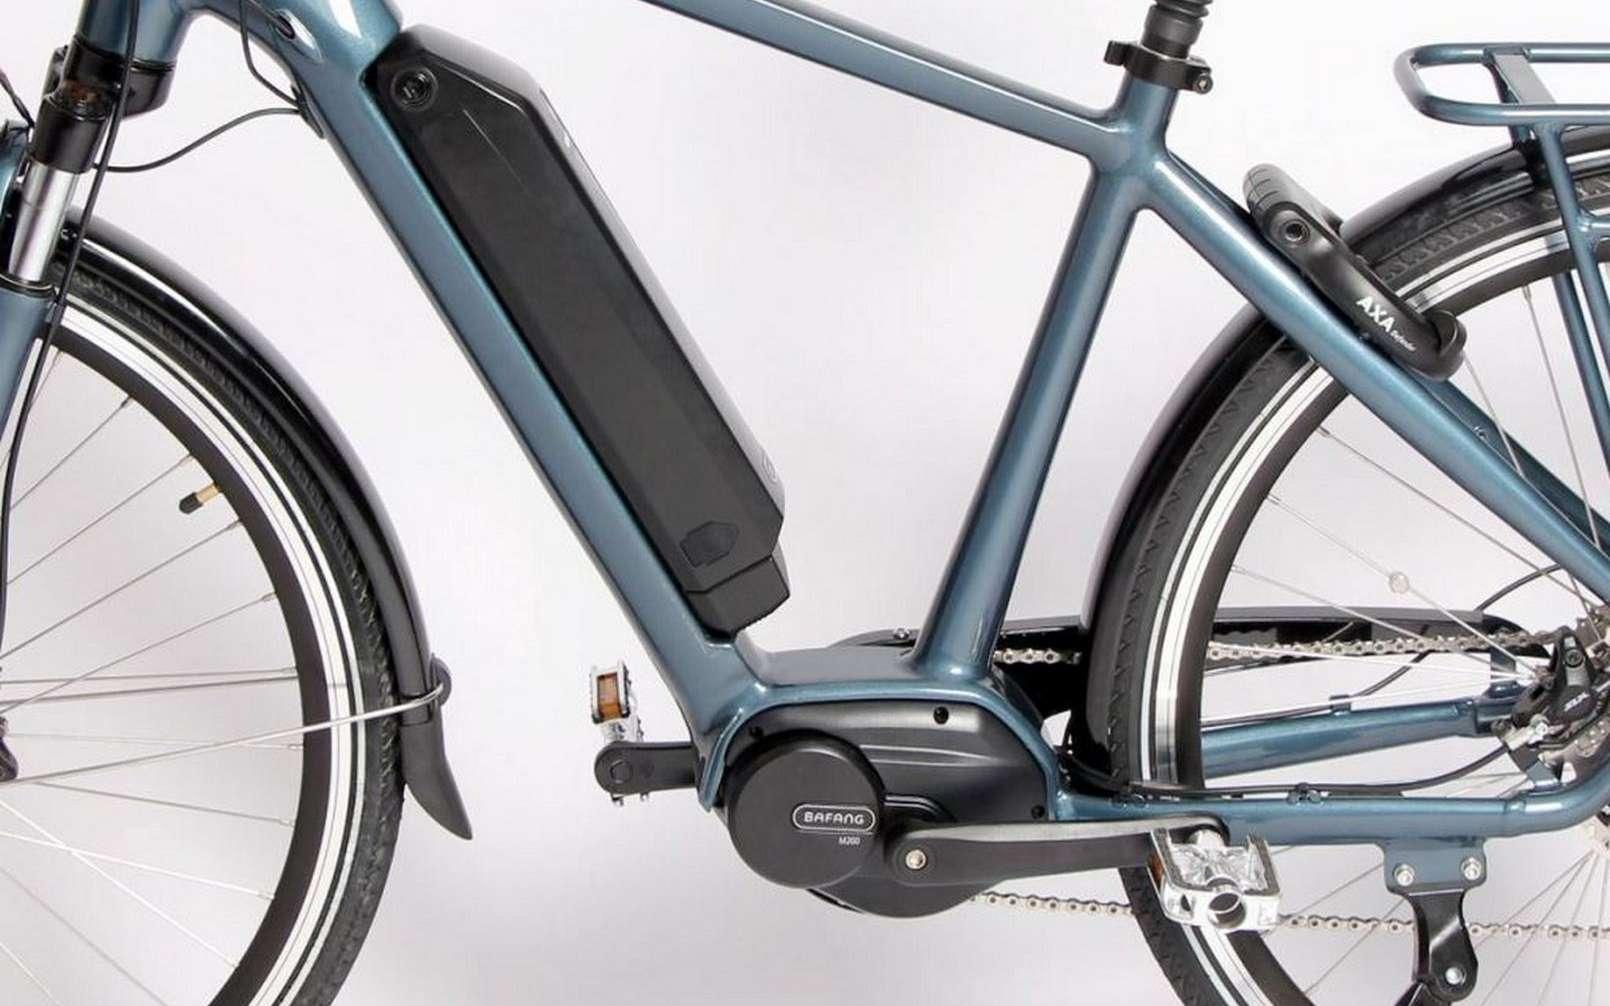 Le moteur électrique pour vélo Bafang M200. © Bafang